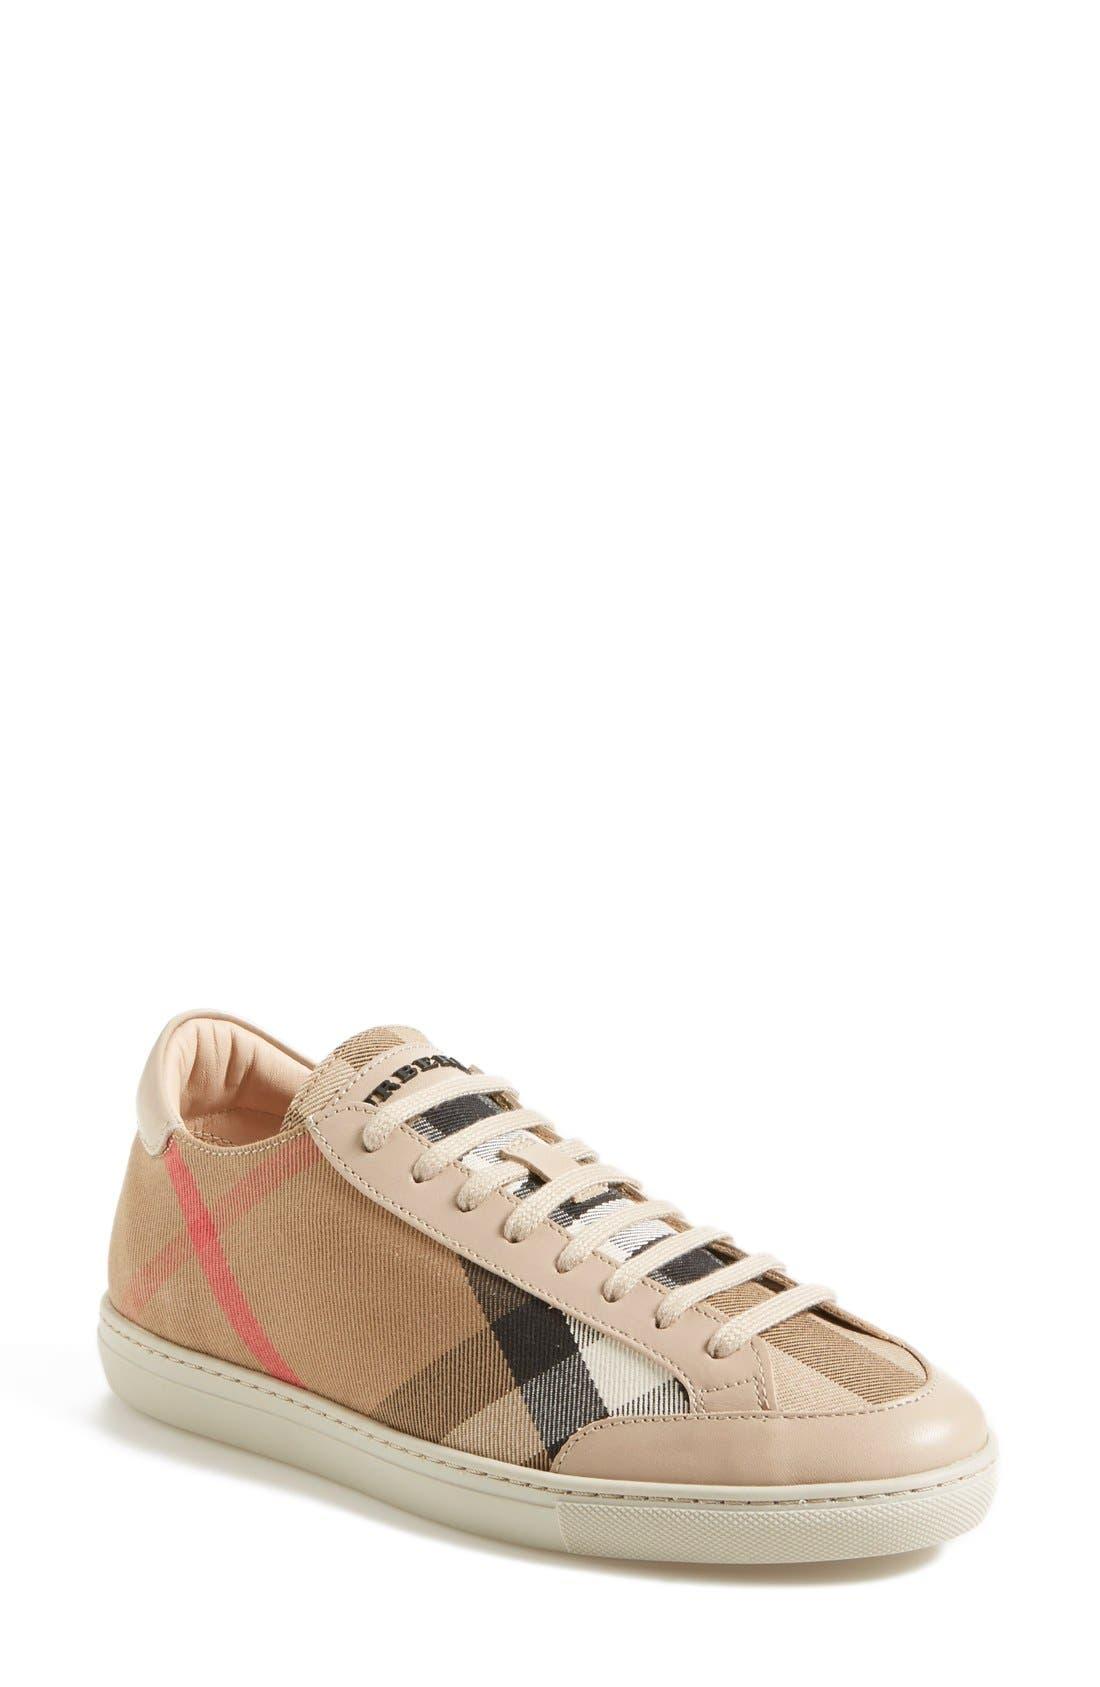 Main Image - Burberry 'Hartfields' Sneaker (Women)